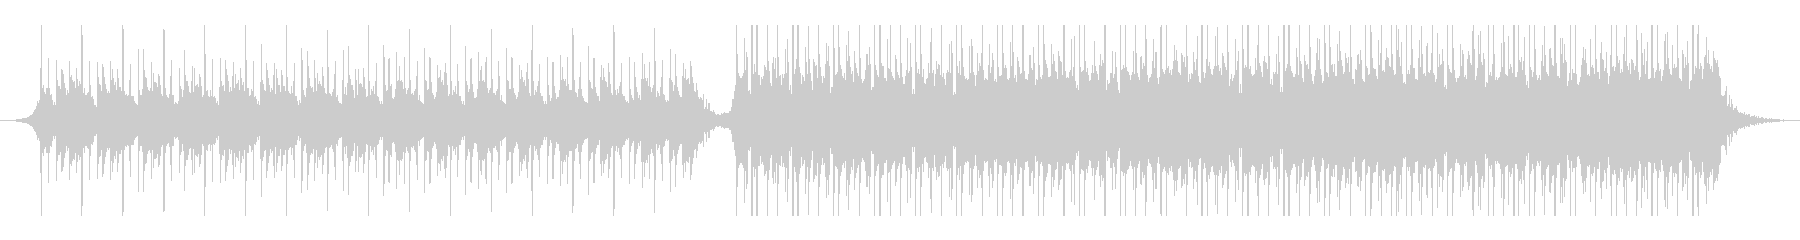 ラマダンの未再生の波形